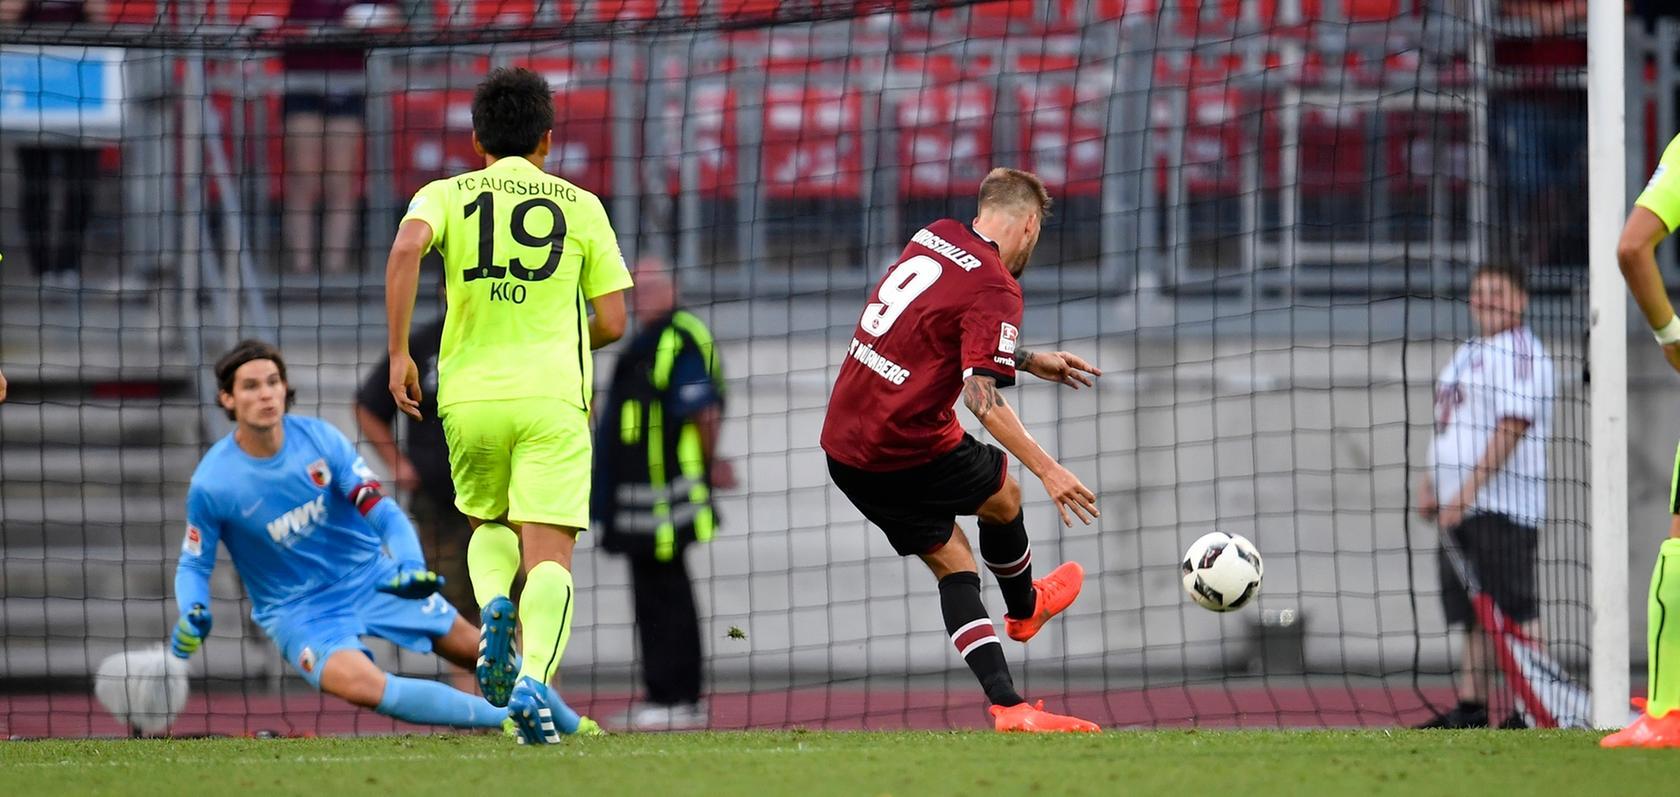 Der geht rein! Guido Burgstaller bleibt vom Punkt cool - das 2:1 gegen Augsburg.